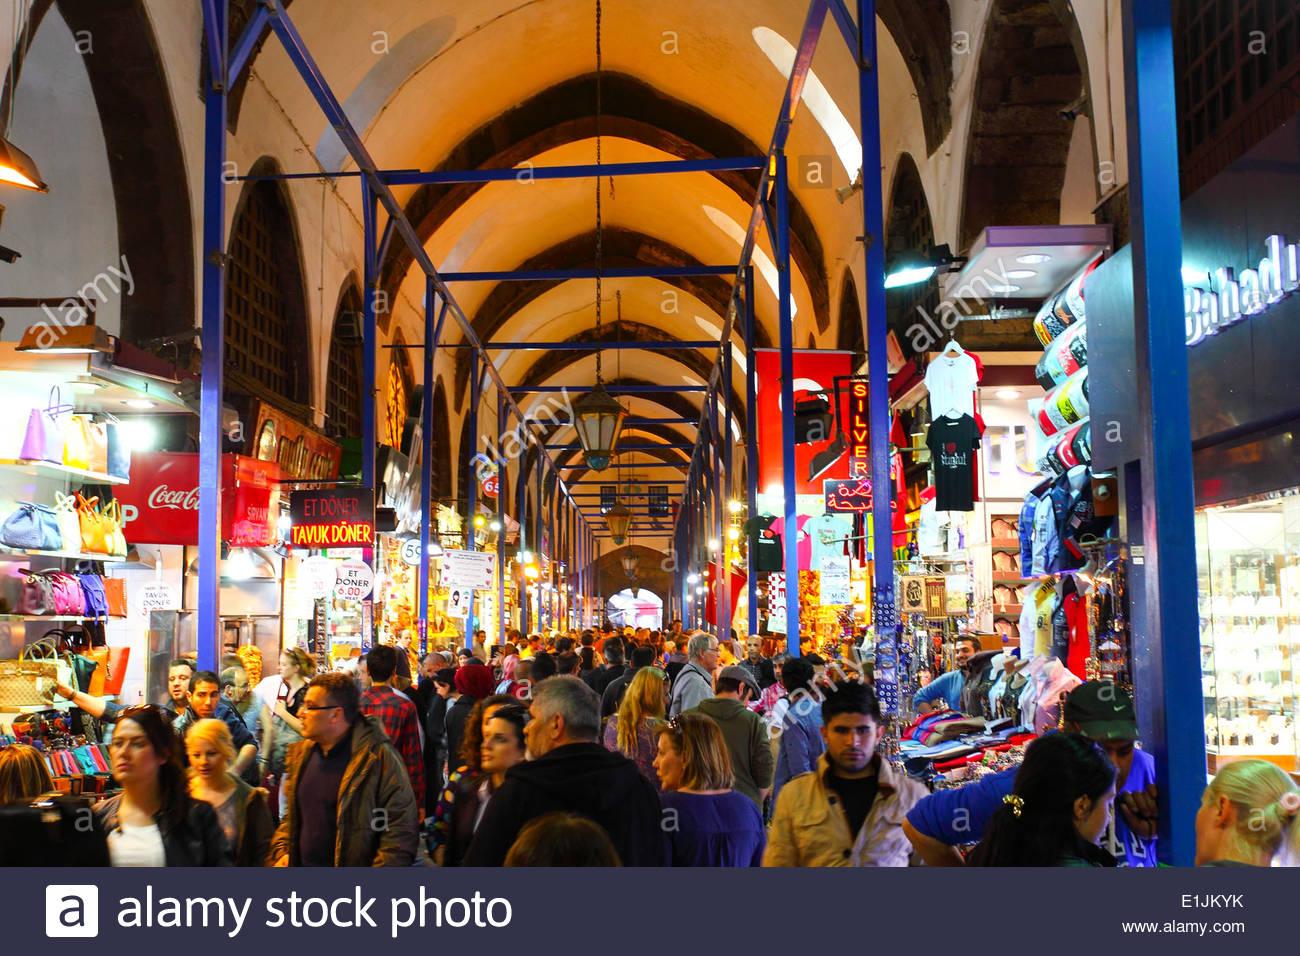 The Spice Bazaar (Turkish: Mısır Çarşısı ) AKA Egyptian Bazaar in Istanbul, Turkey - Stock Image